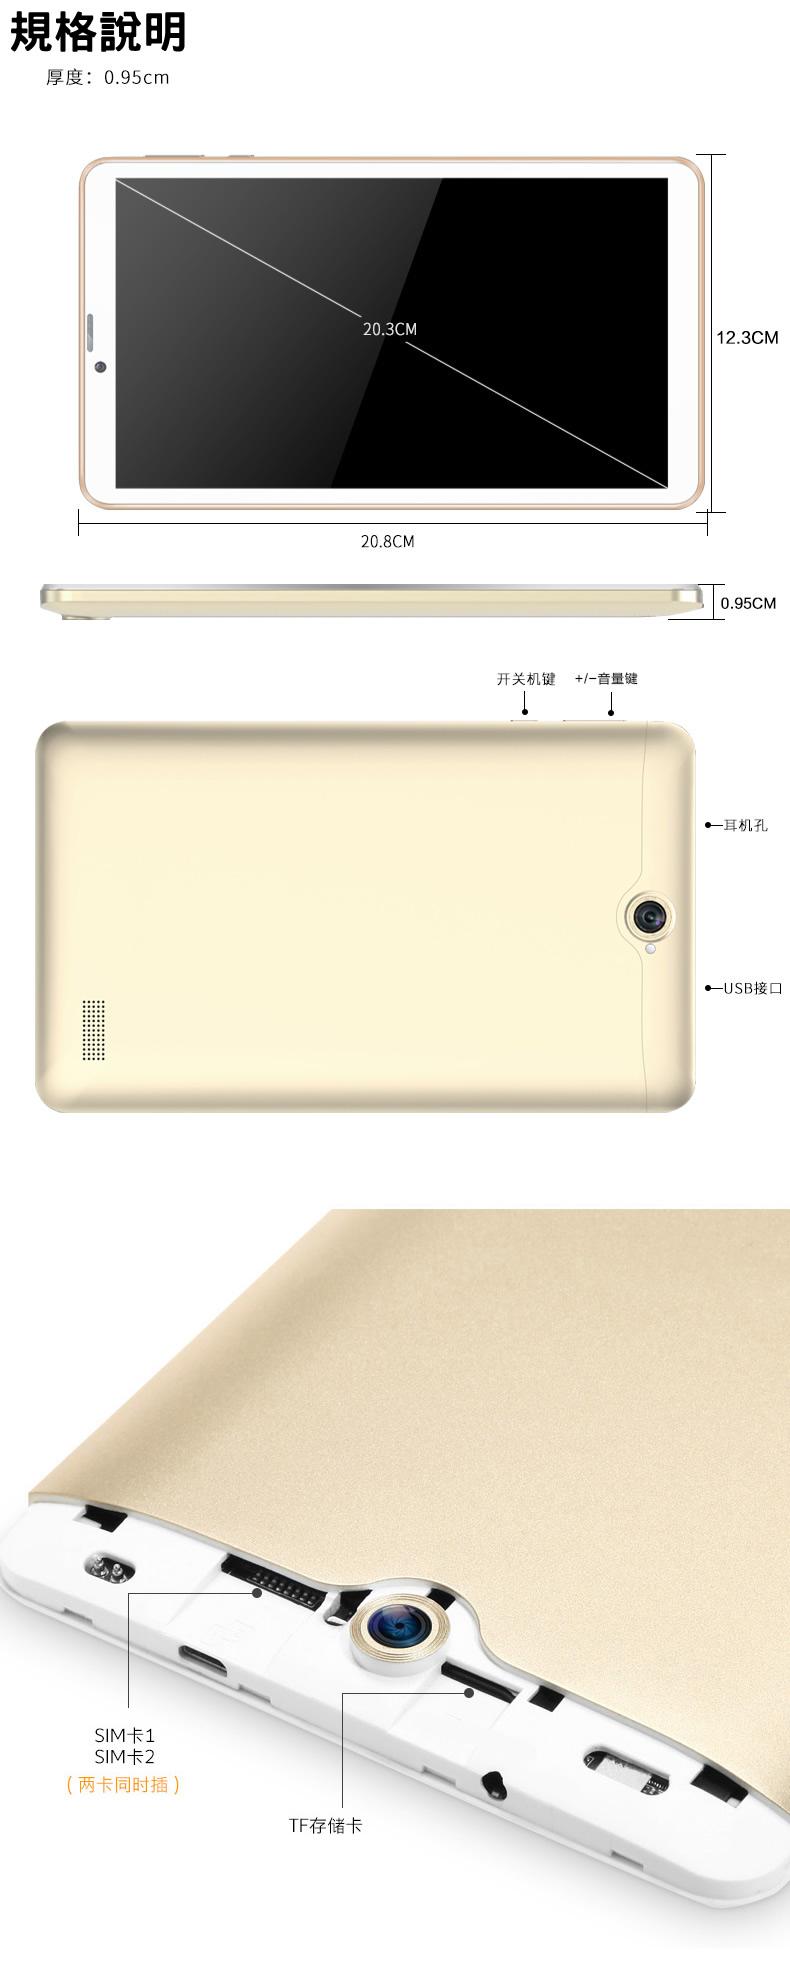 8HD4G-1.jpg